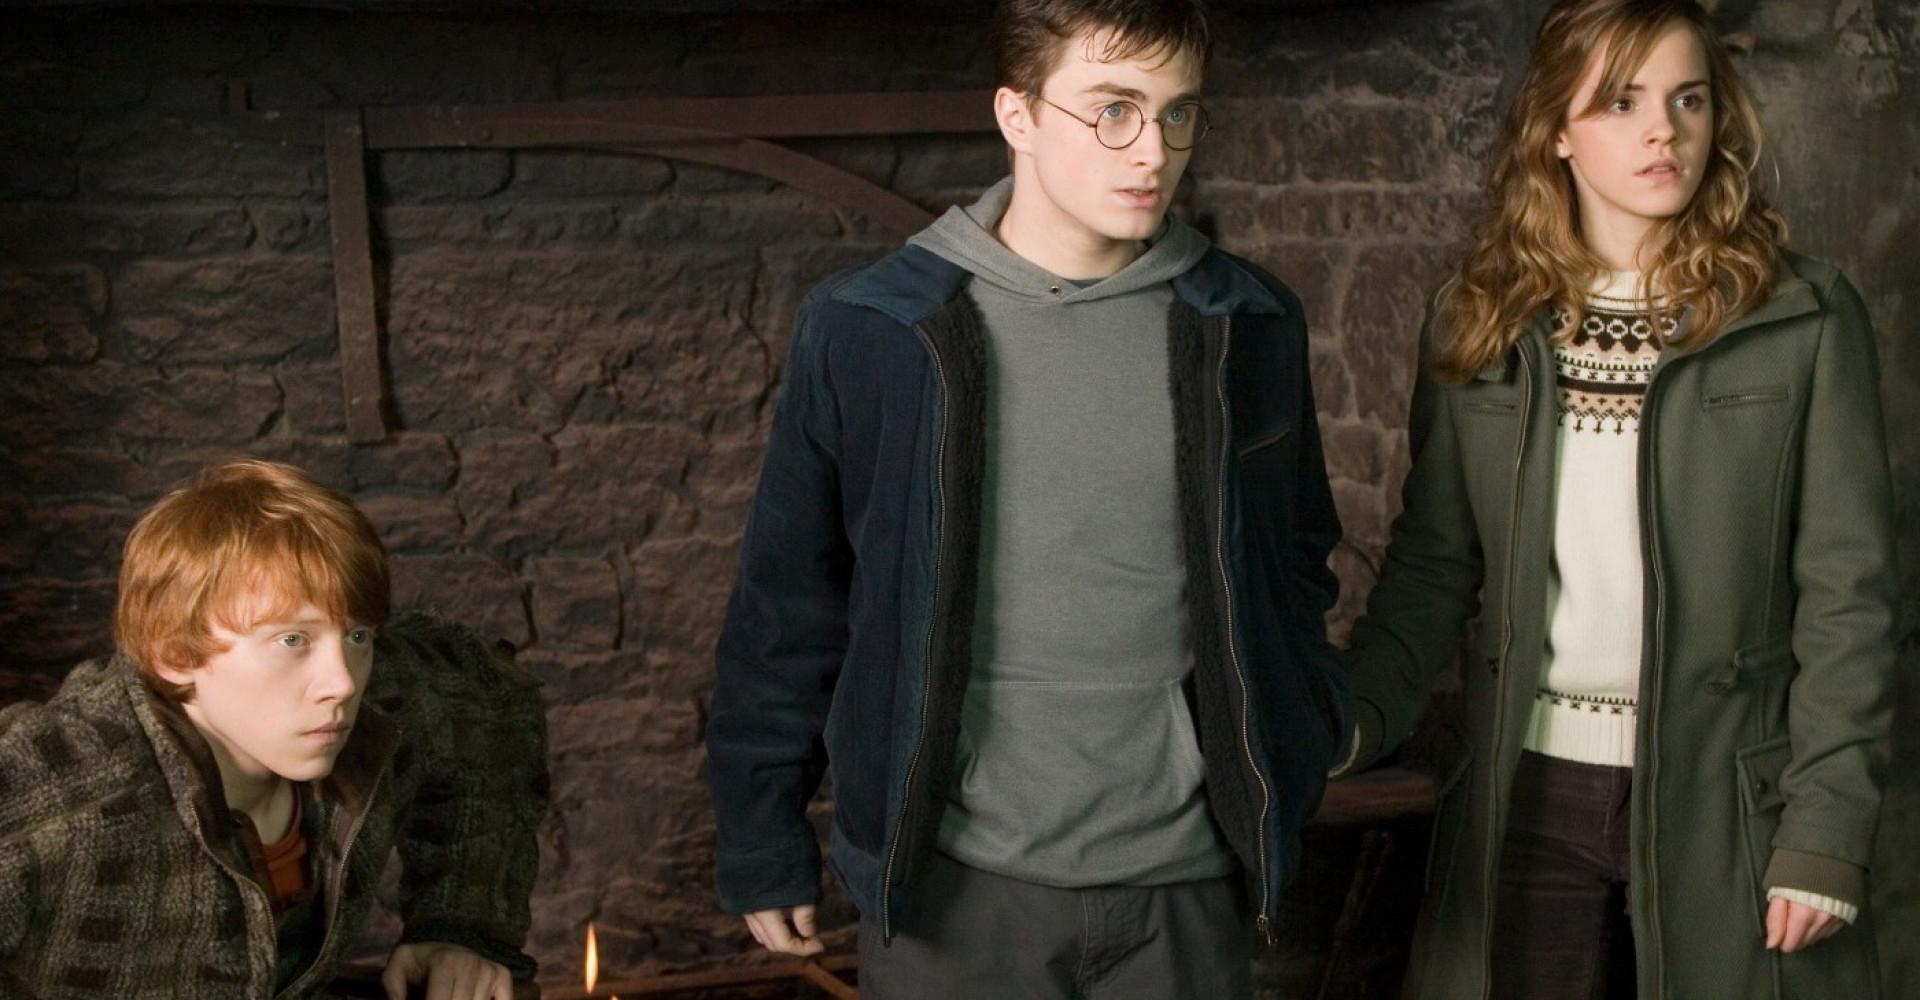 De Harry Potter-filmreeks binnenkort op Netflix België!